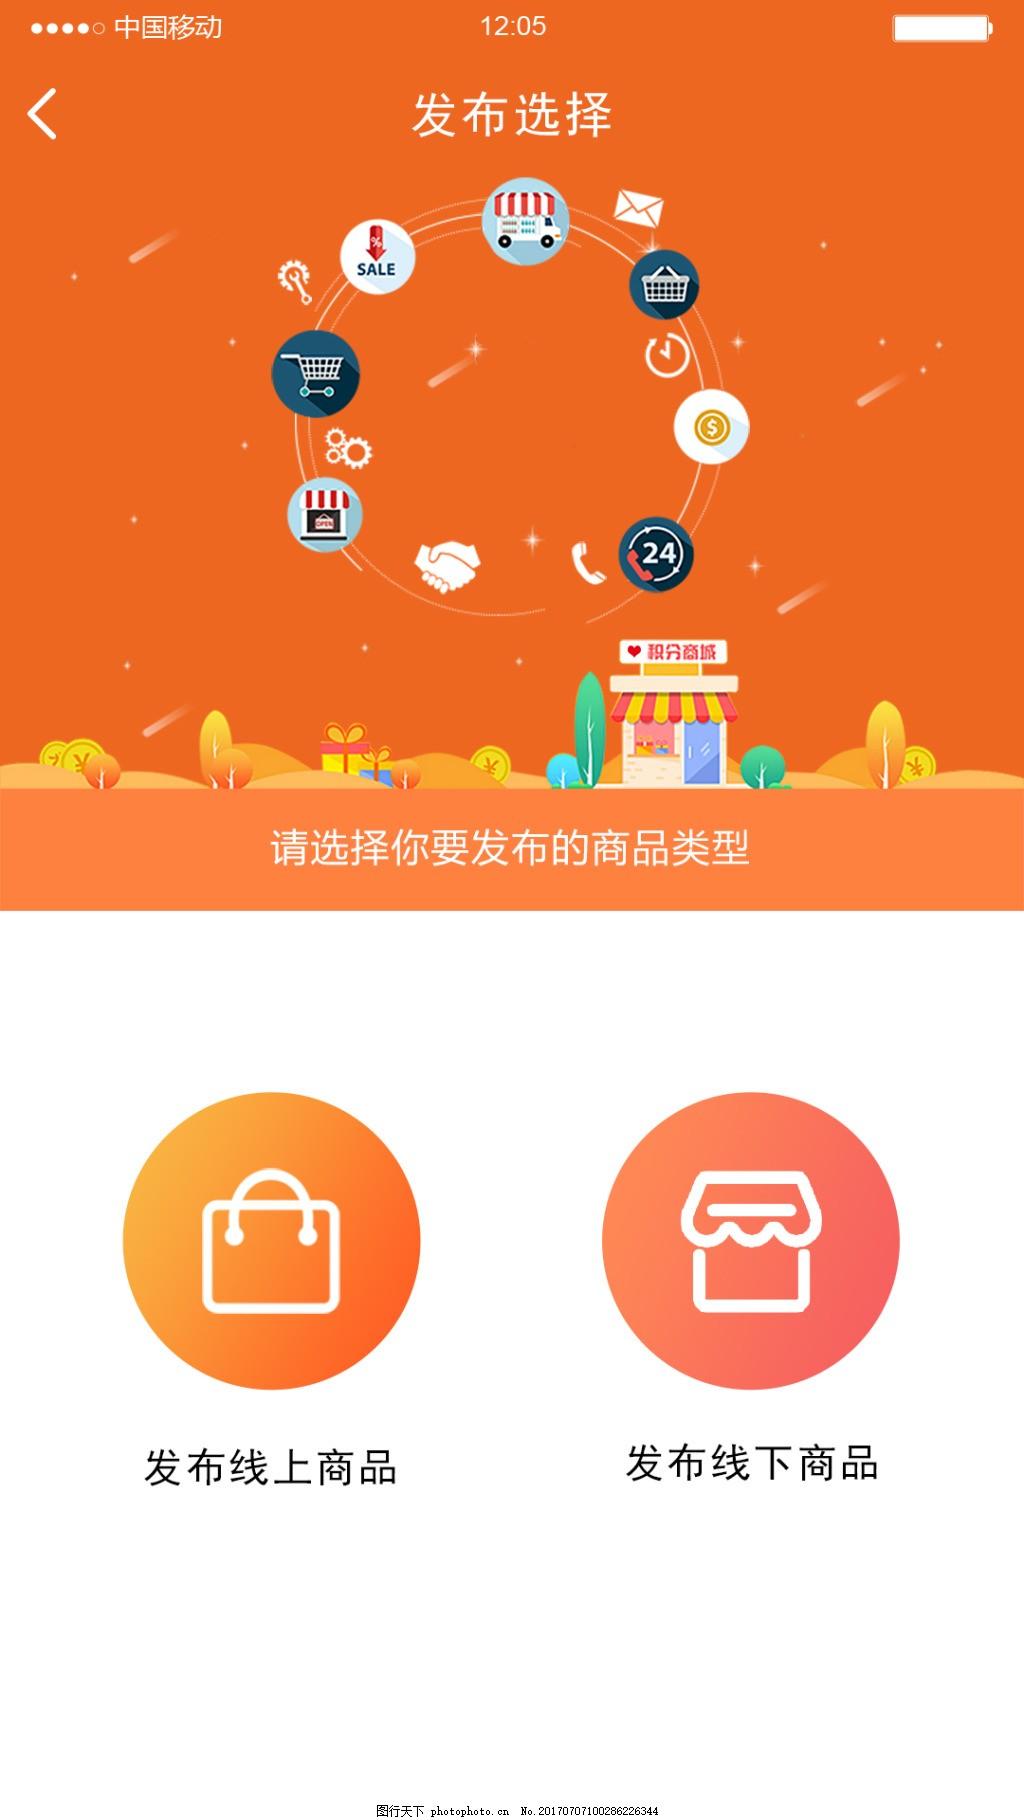 发布商品选择手机APP 橙红 创意设计 分类选择页面 积分商城